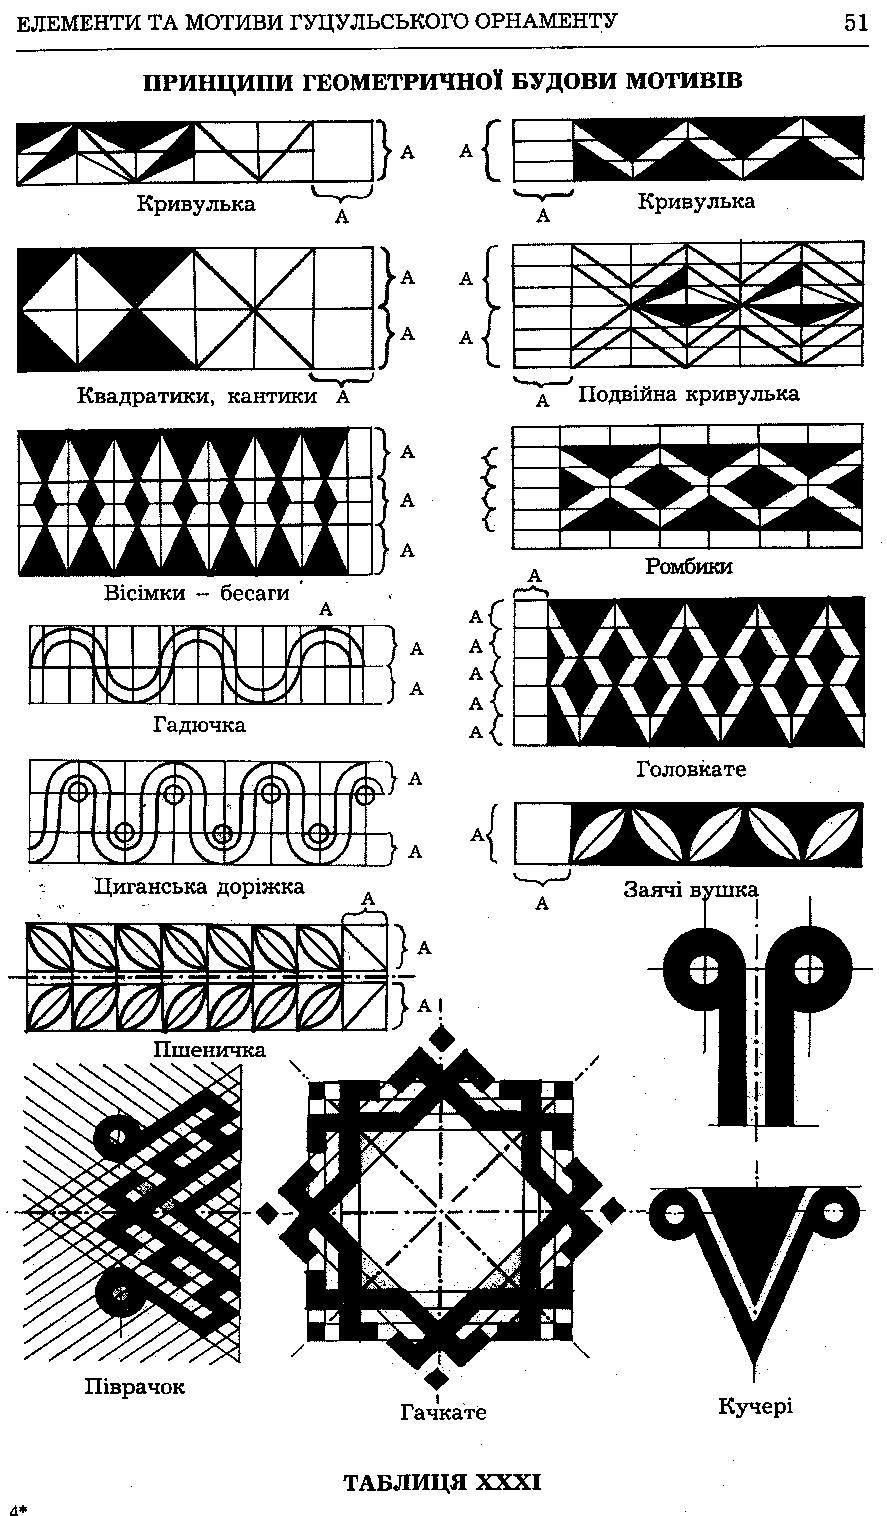 Tablitsya31-Printsip-geometrichnoyi-budovi-motiviv